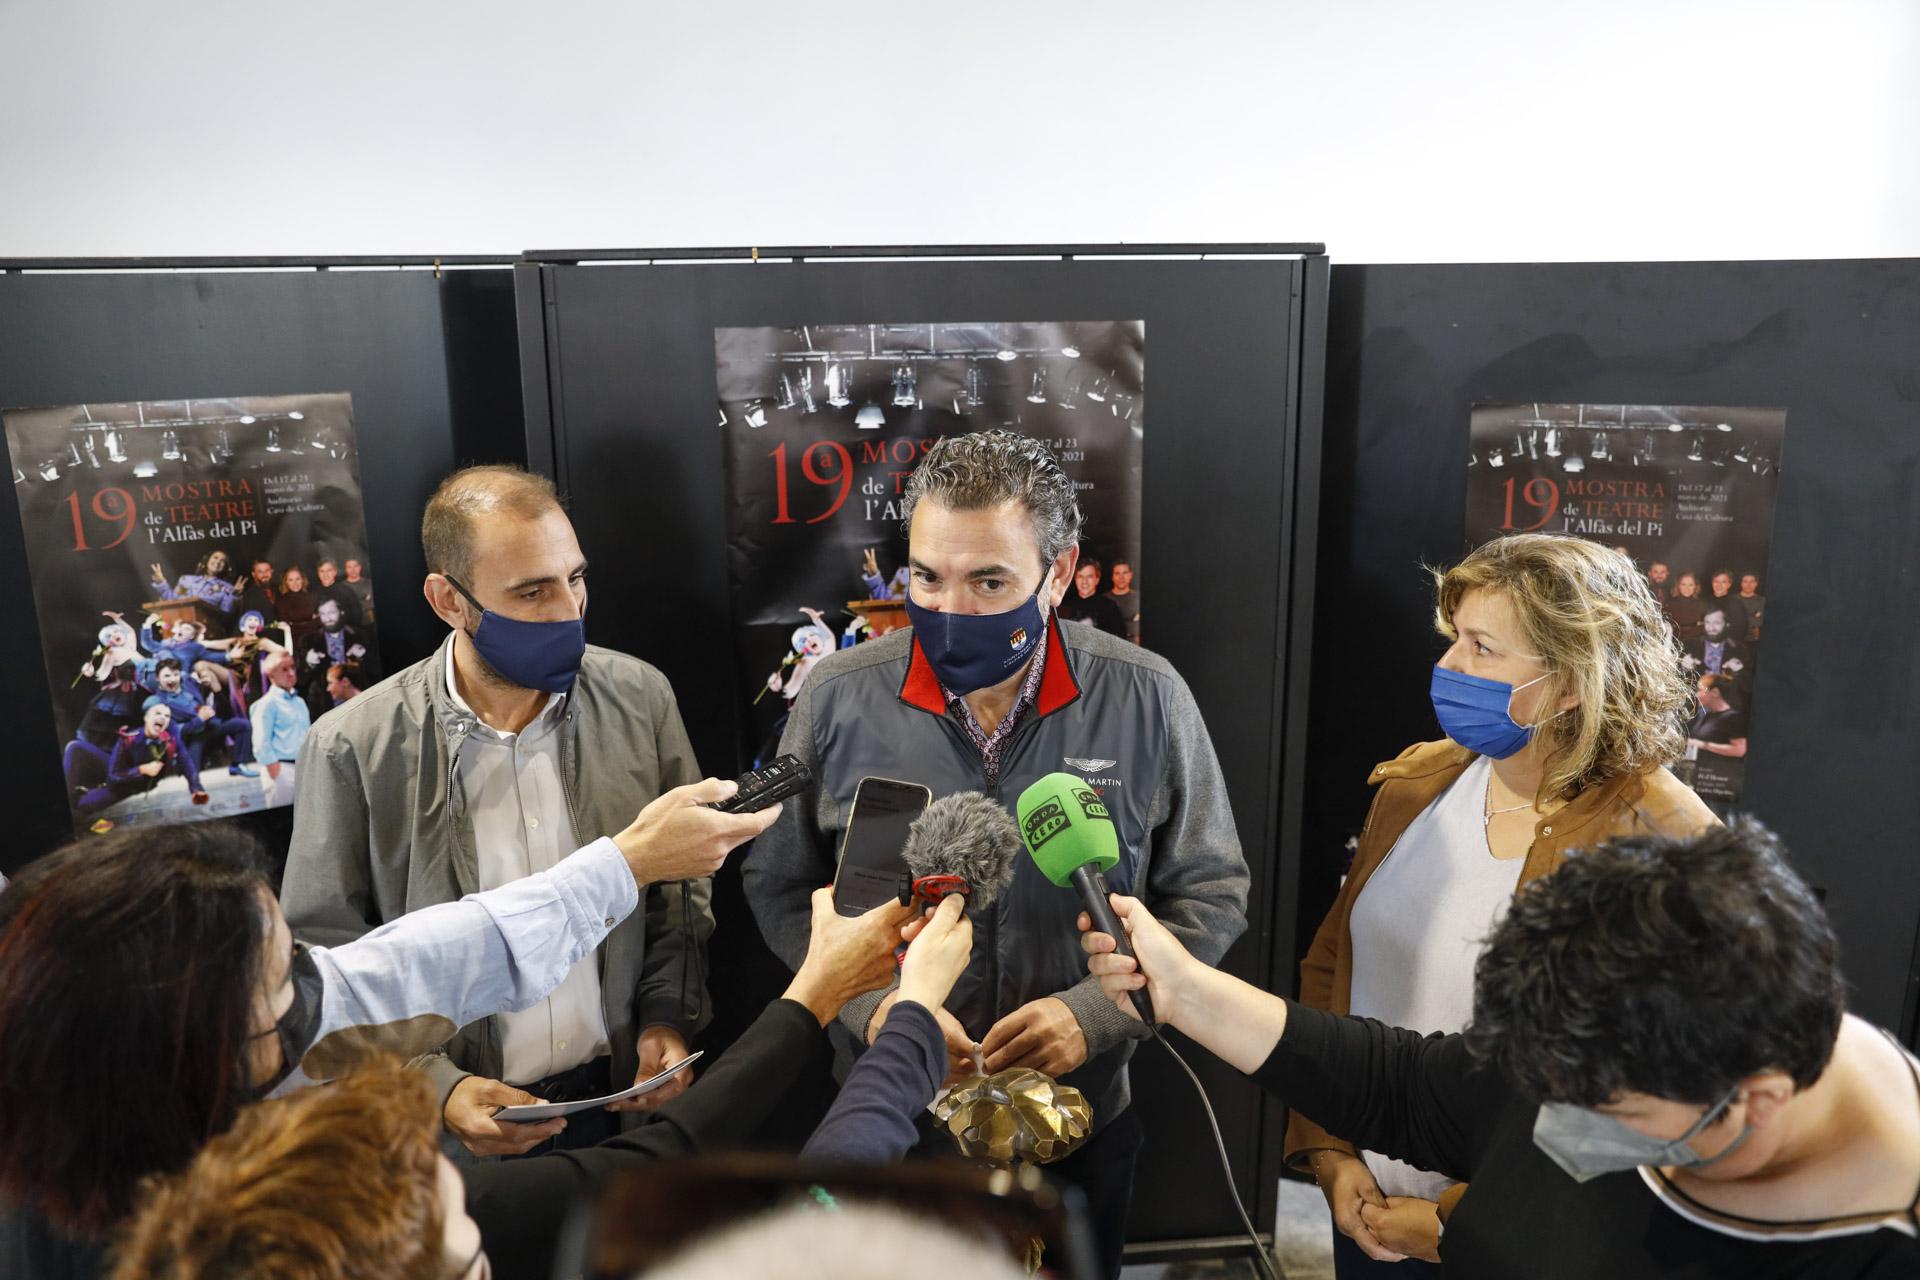 Presentación Mostra de Teatr l'Alfàs del Pi 2021